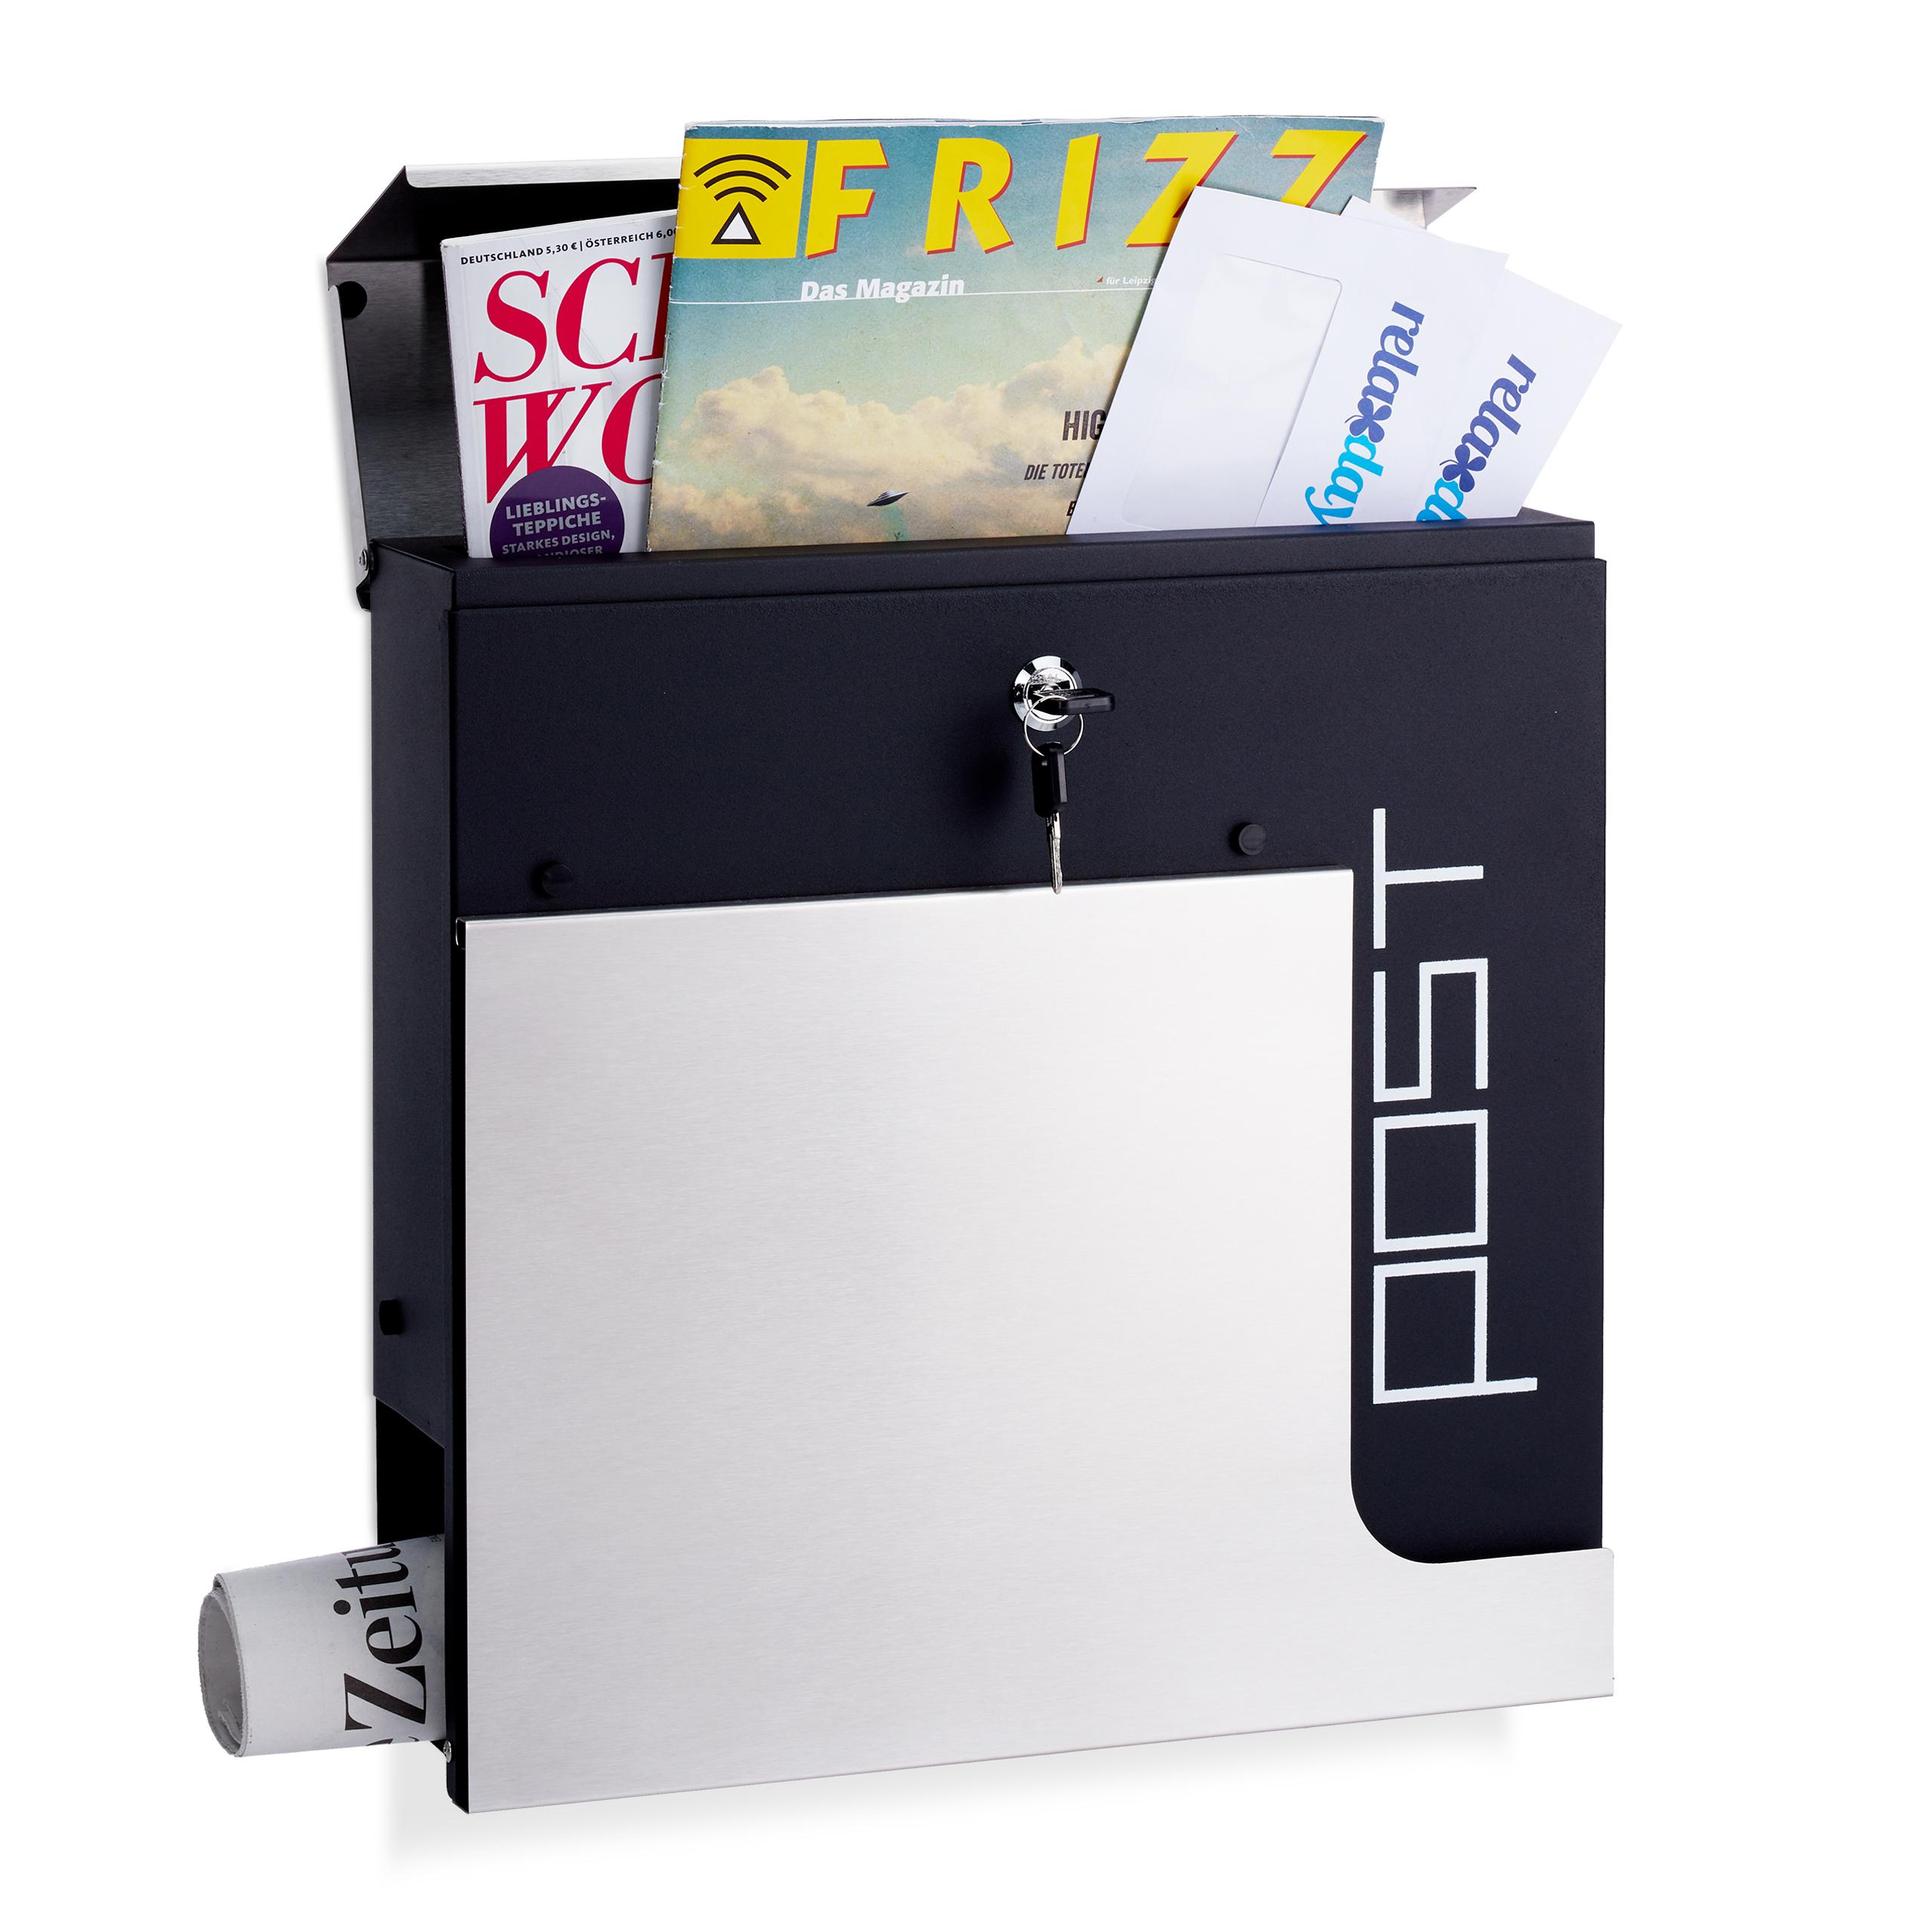 Boite-aux-lettres-elegante-Serrure-Porte-journaux-Format-A4-Boite-postale-argent miniature 2